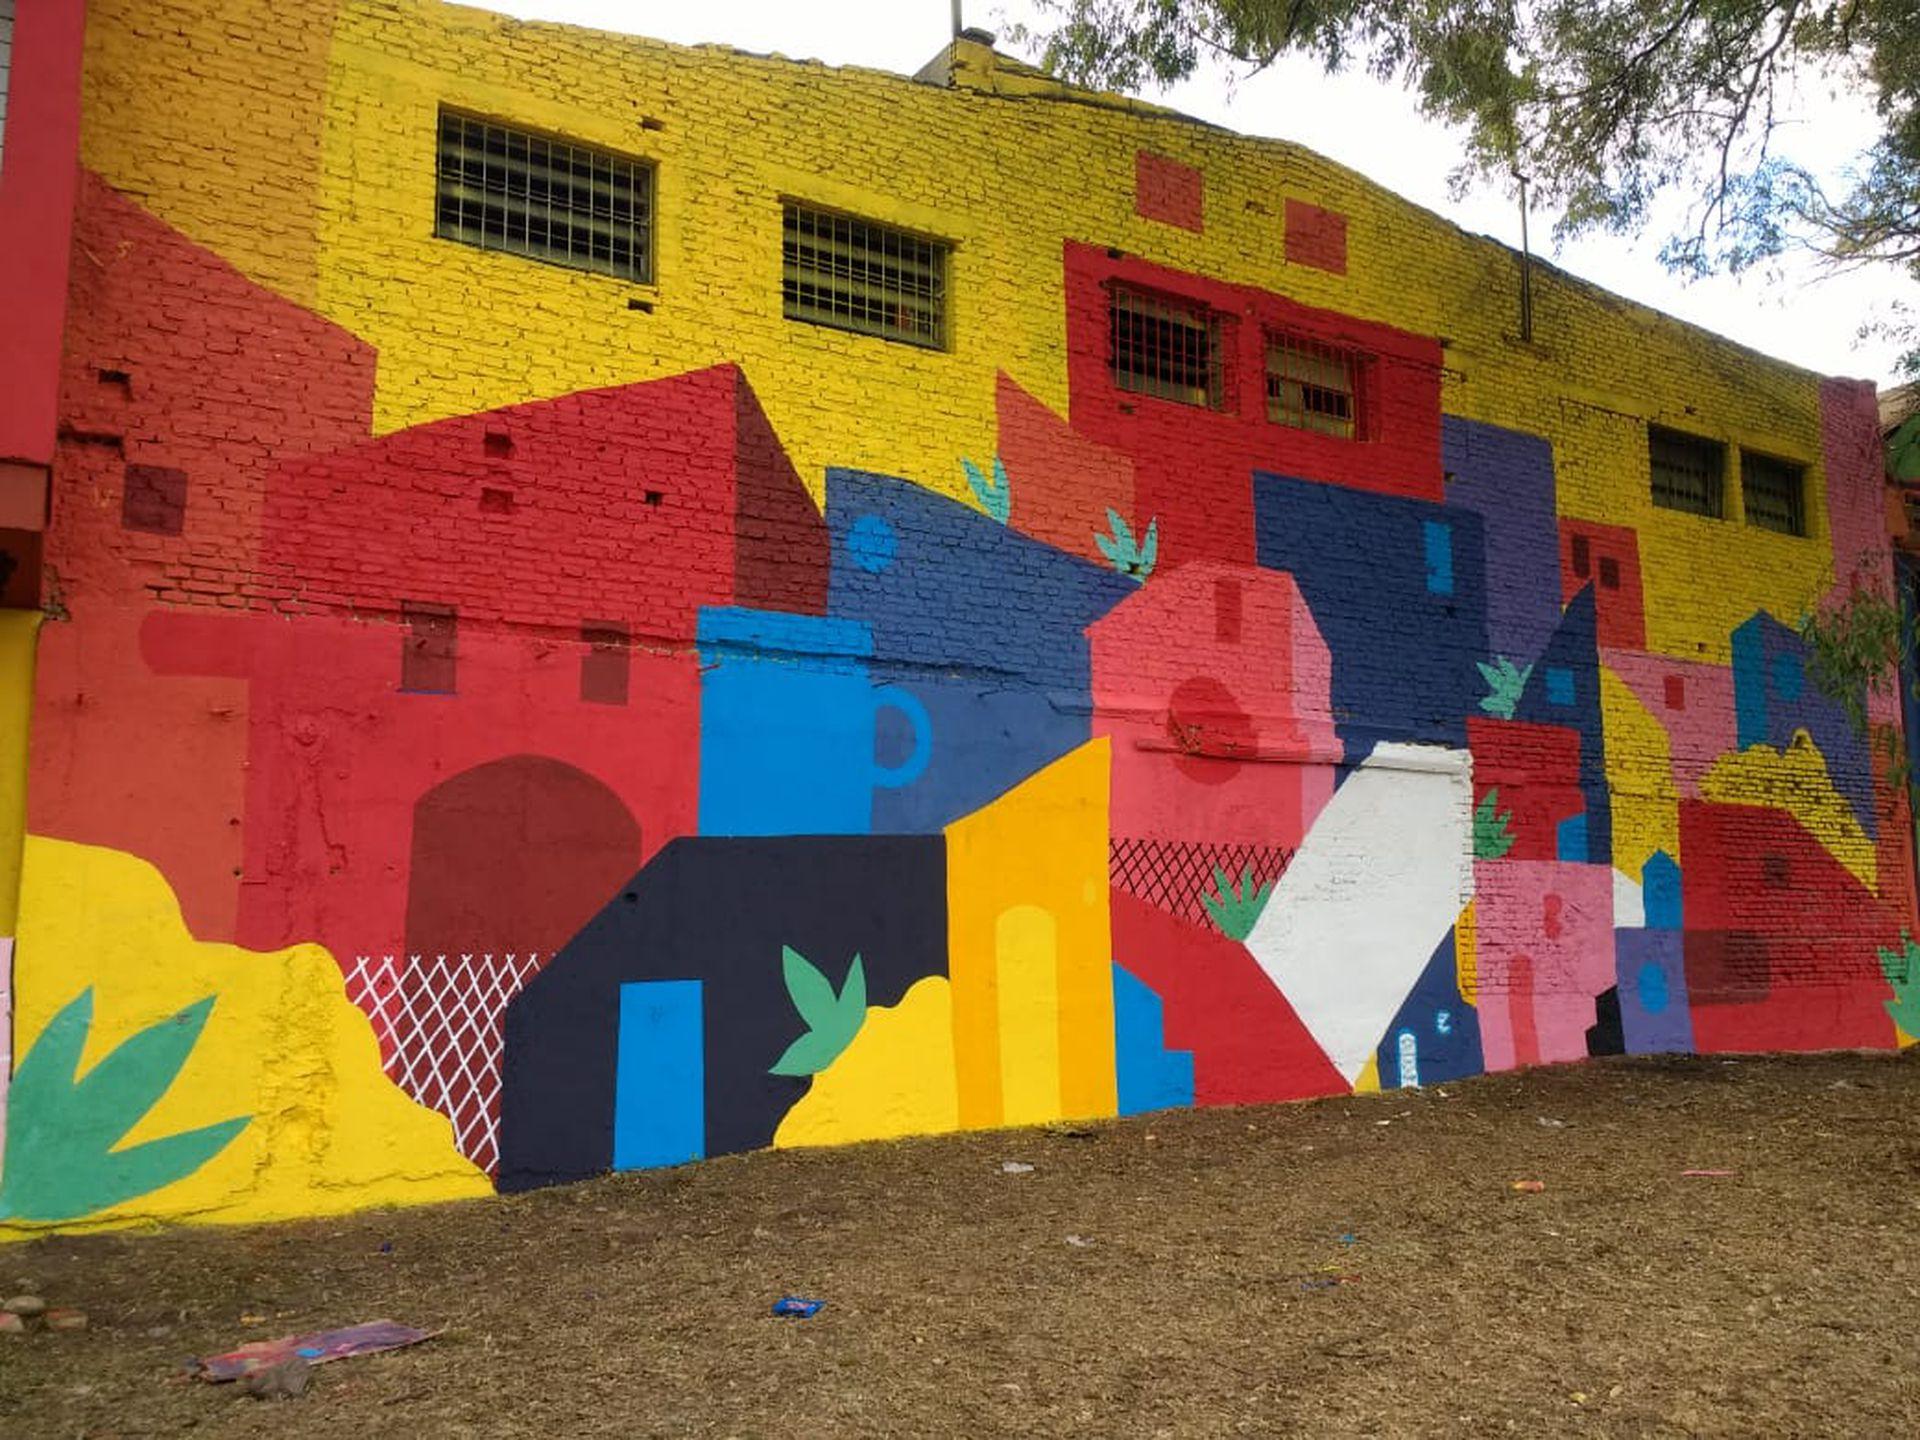 Una de las obras de Rodo Graff